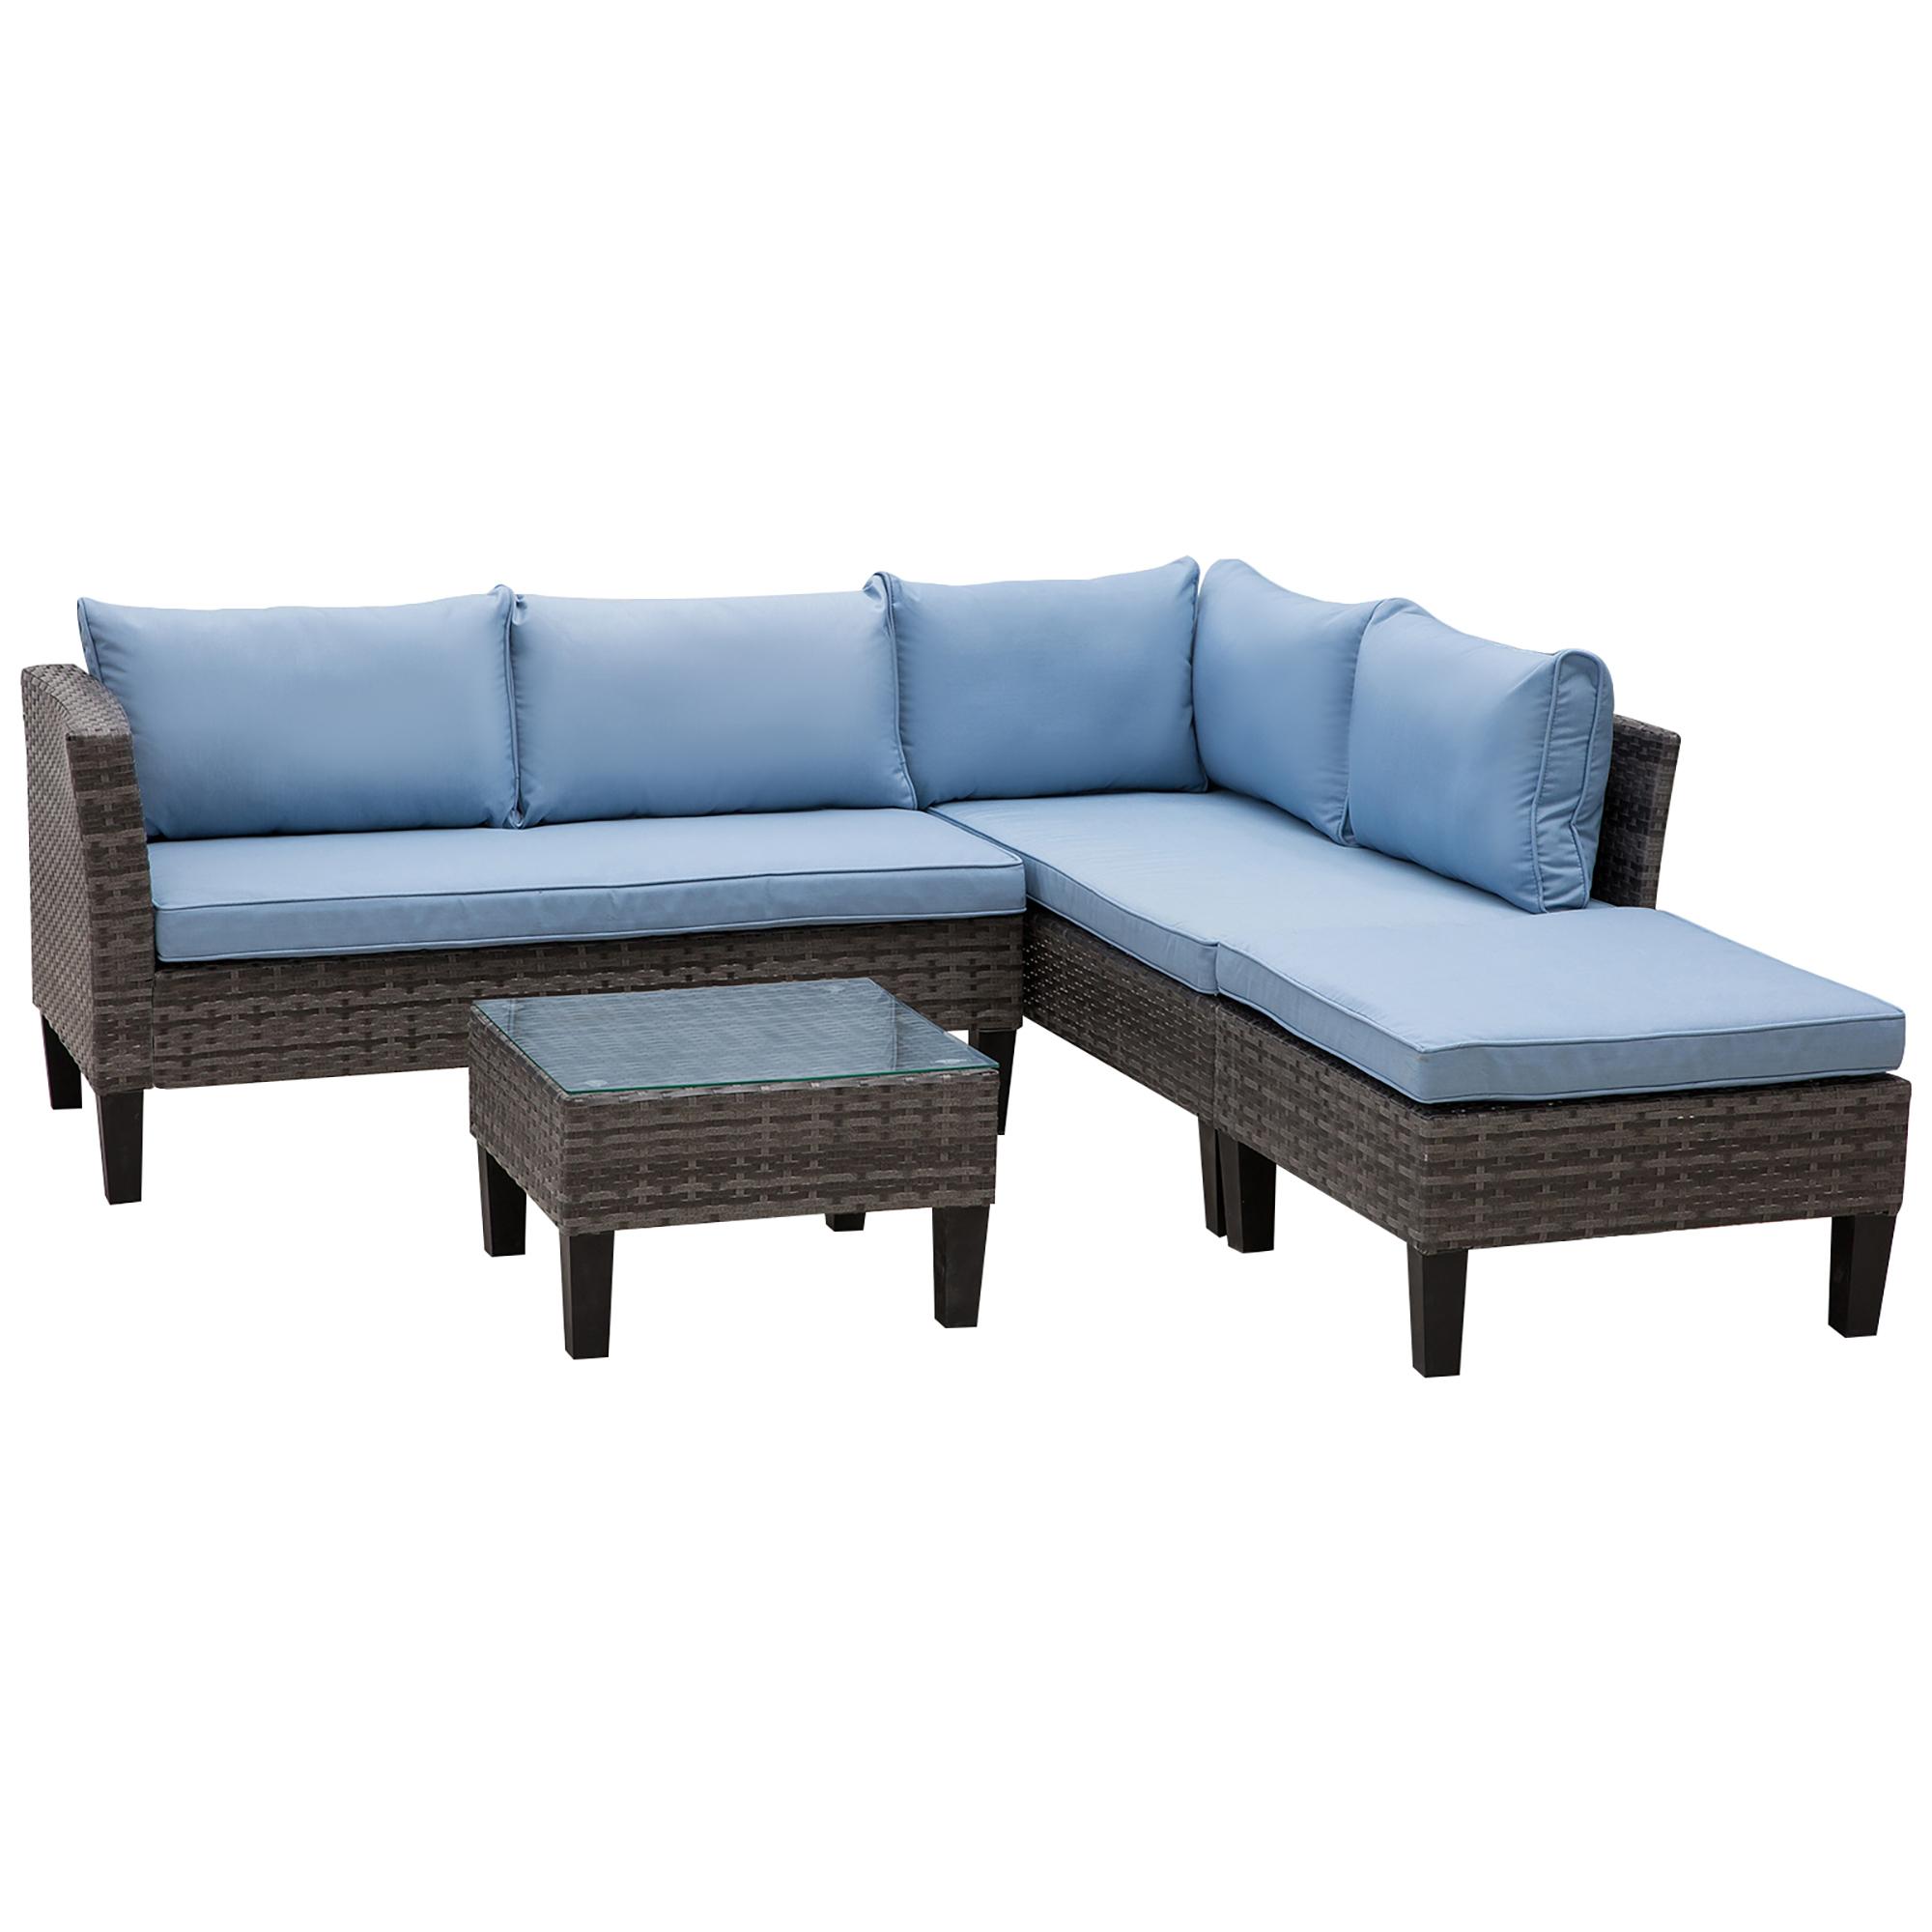 Ensemble salon de jardin 4 places 3 pièces gris bleu